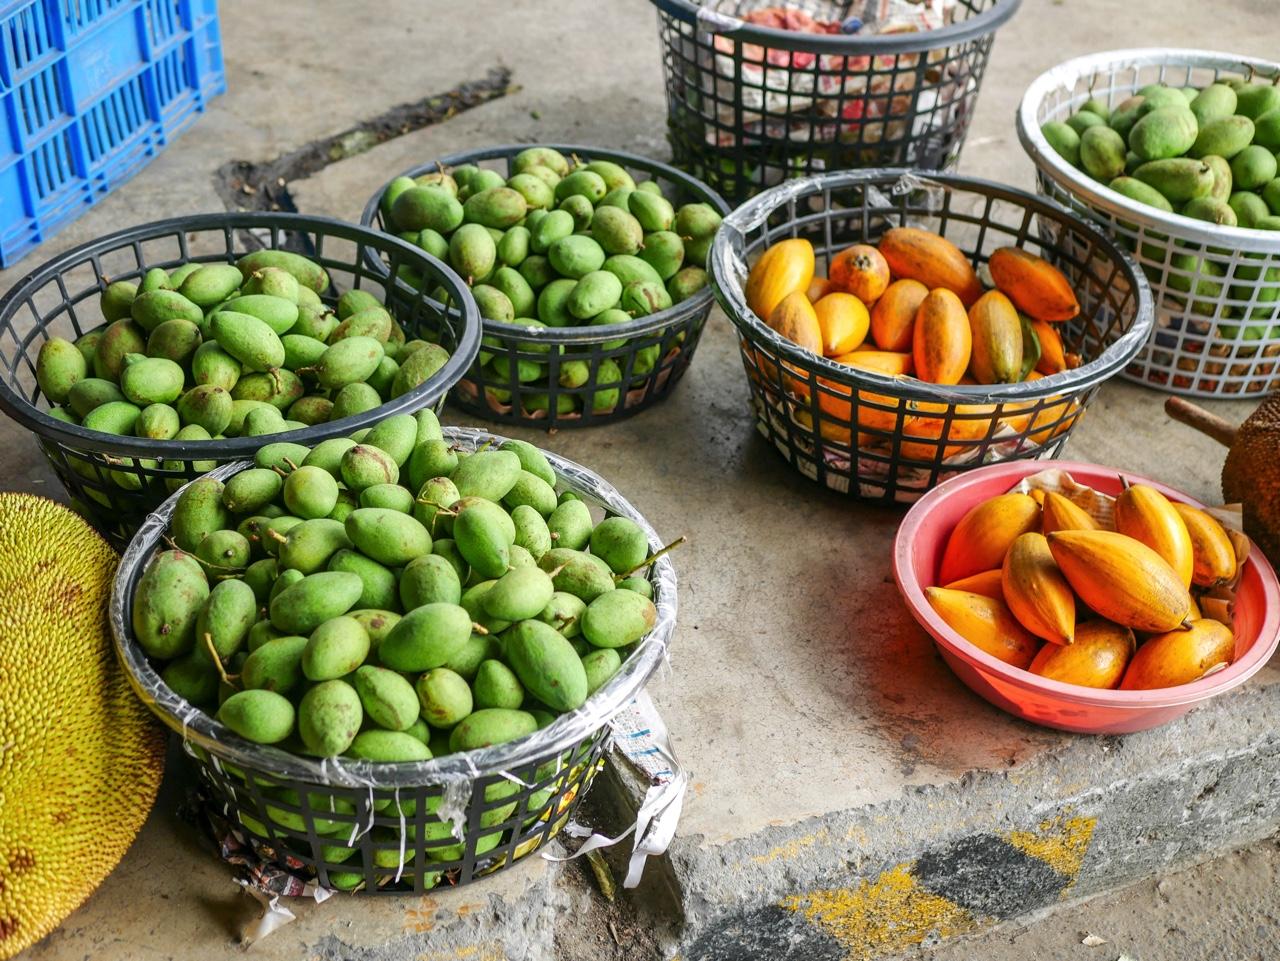 玉井青果市場で売られいる土芒果